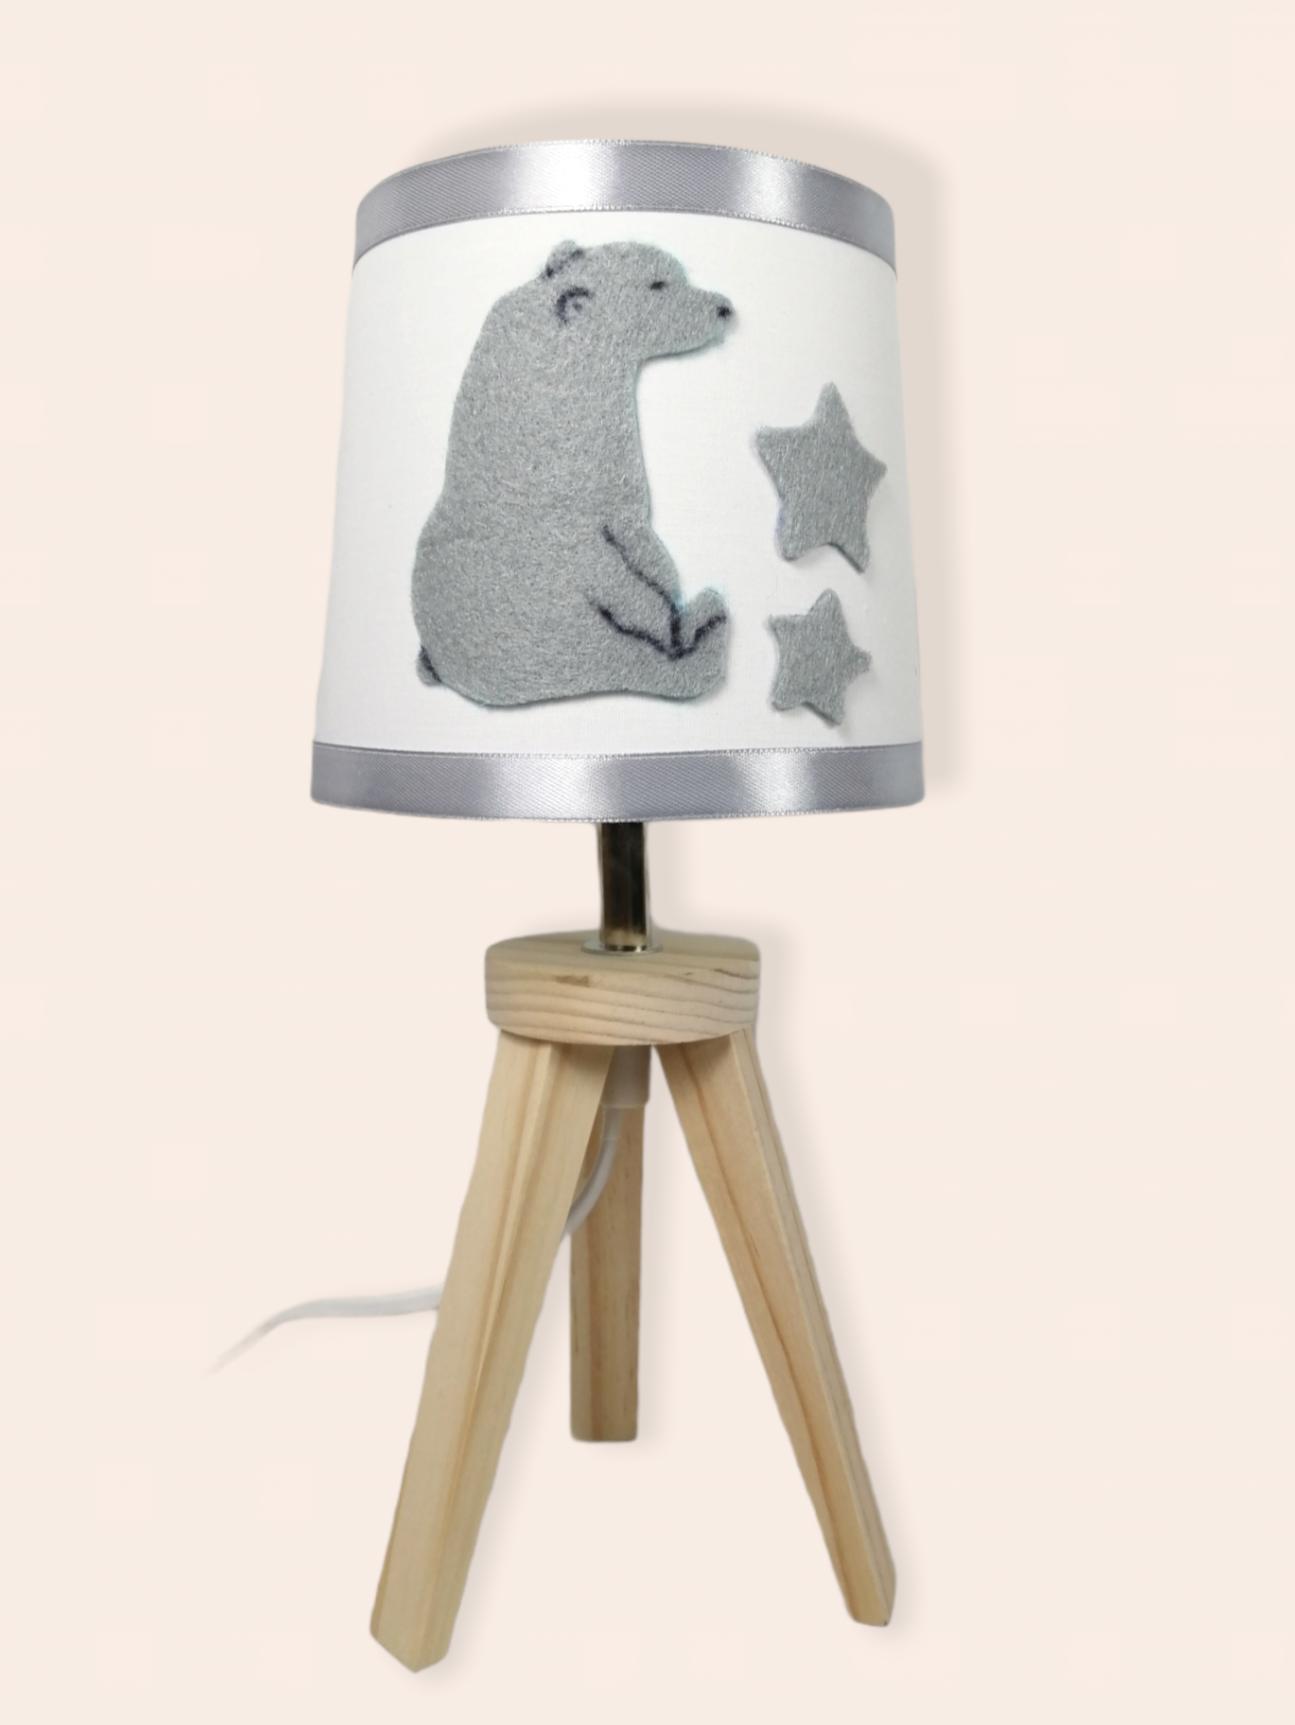 lampe de chevet enfant bébé ours polaire mixte blanc gris